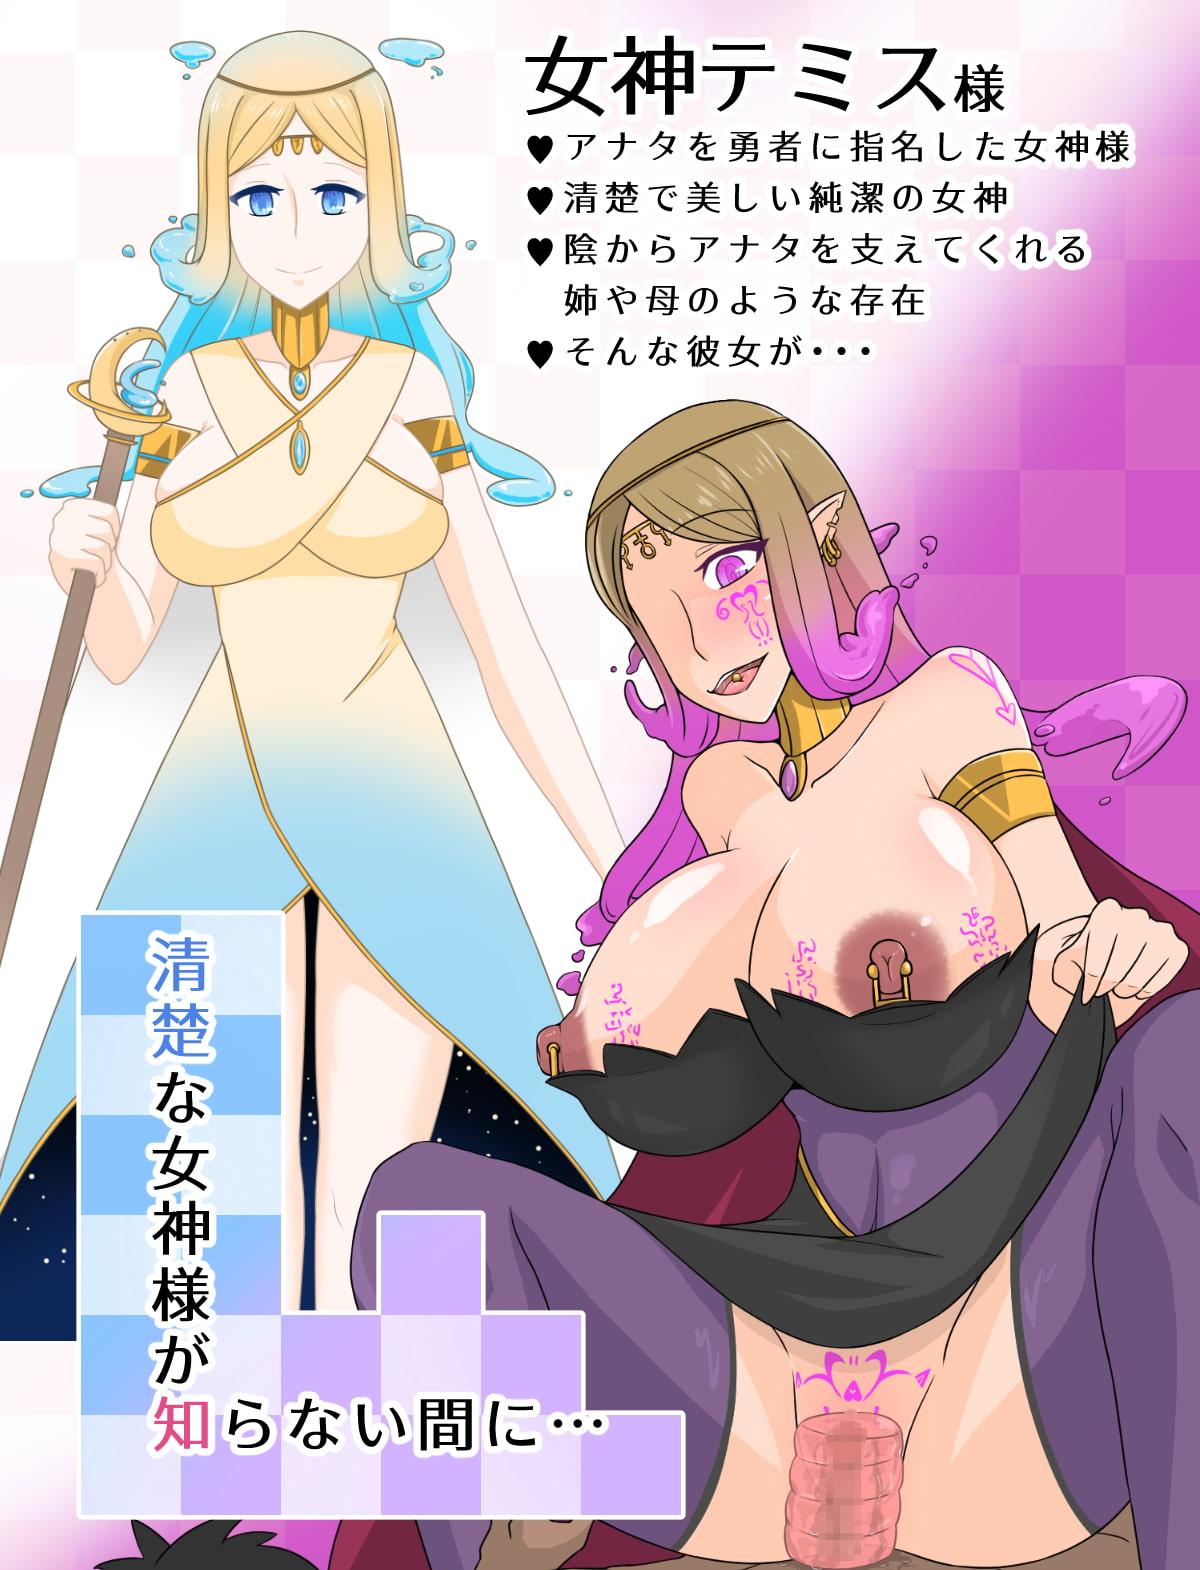 僕を信じて送り出した女神様が魔王の性奴隷になって夜這いに来るなんて…